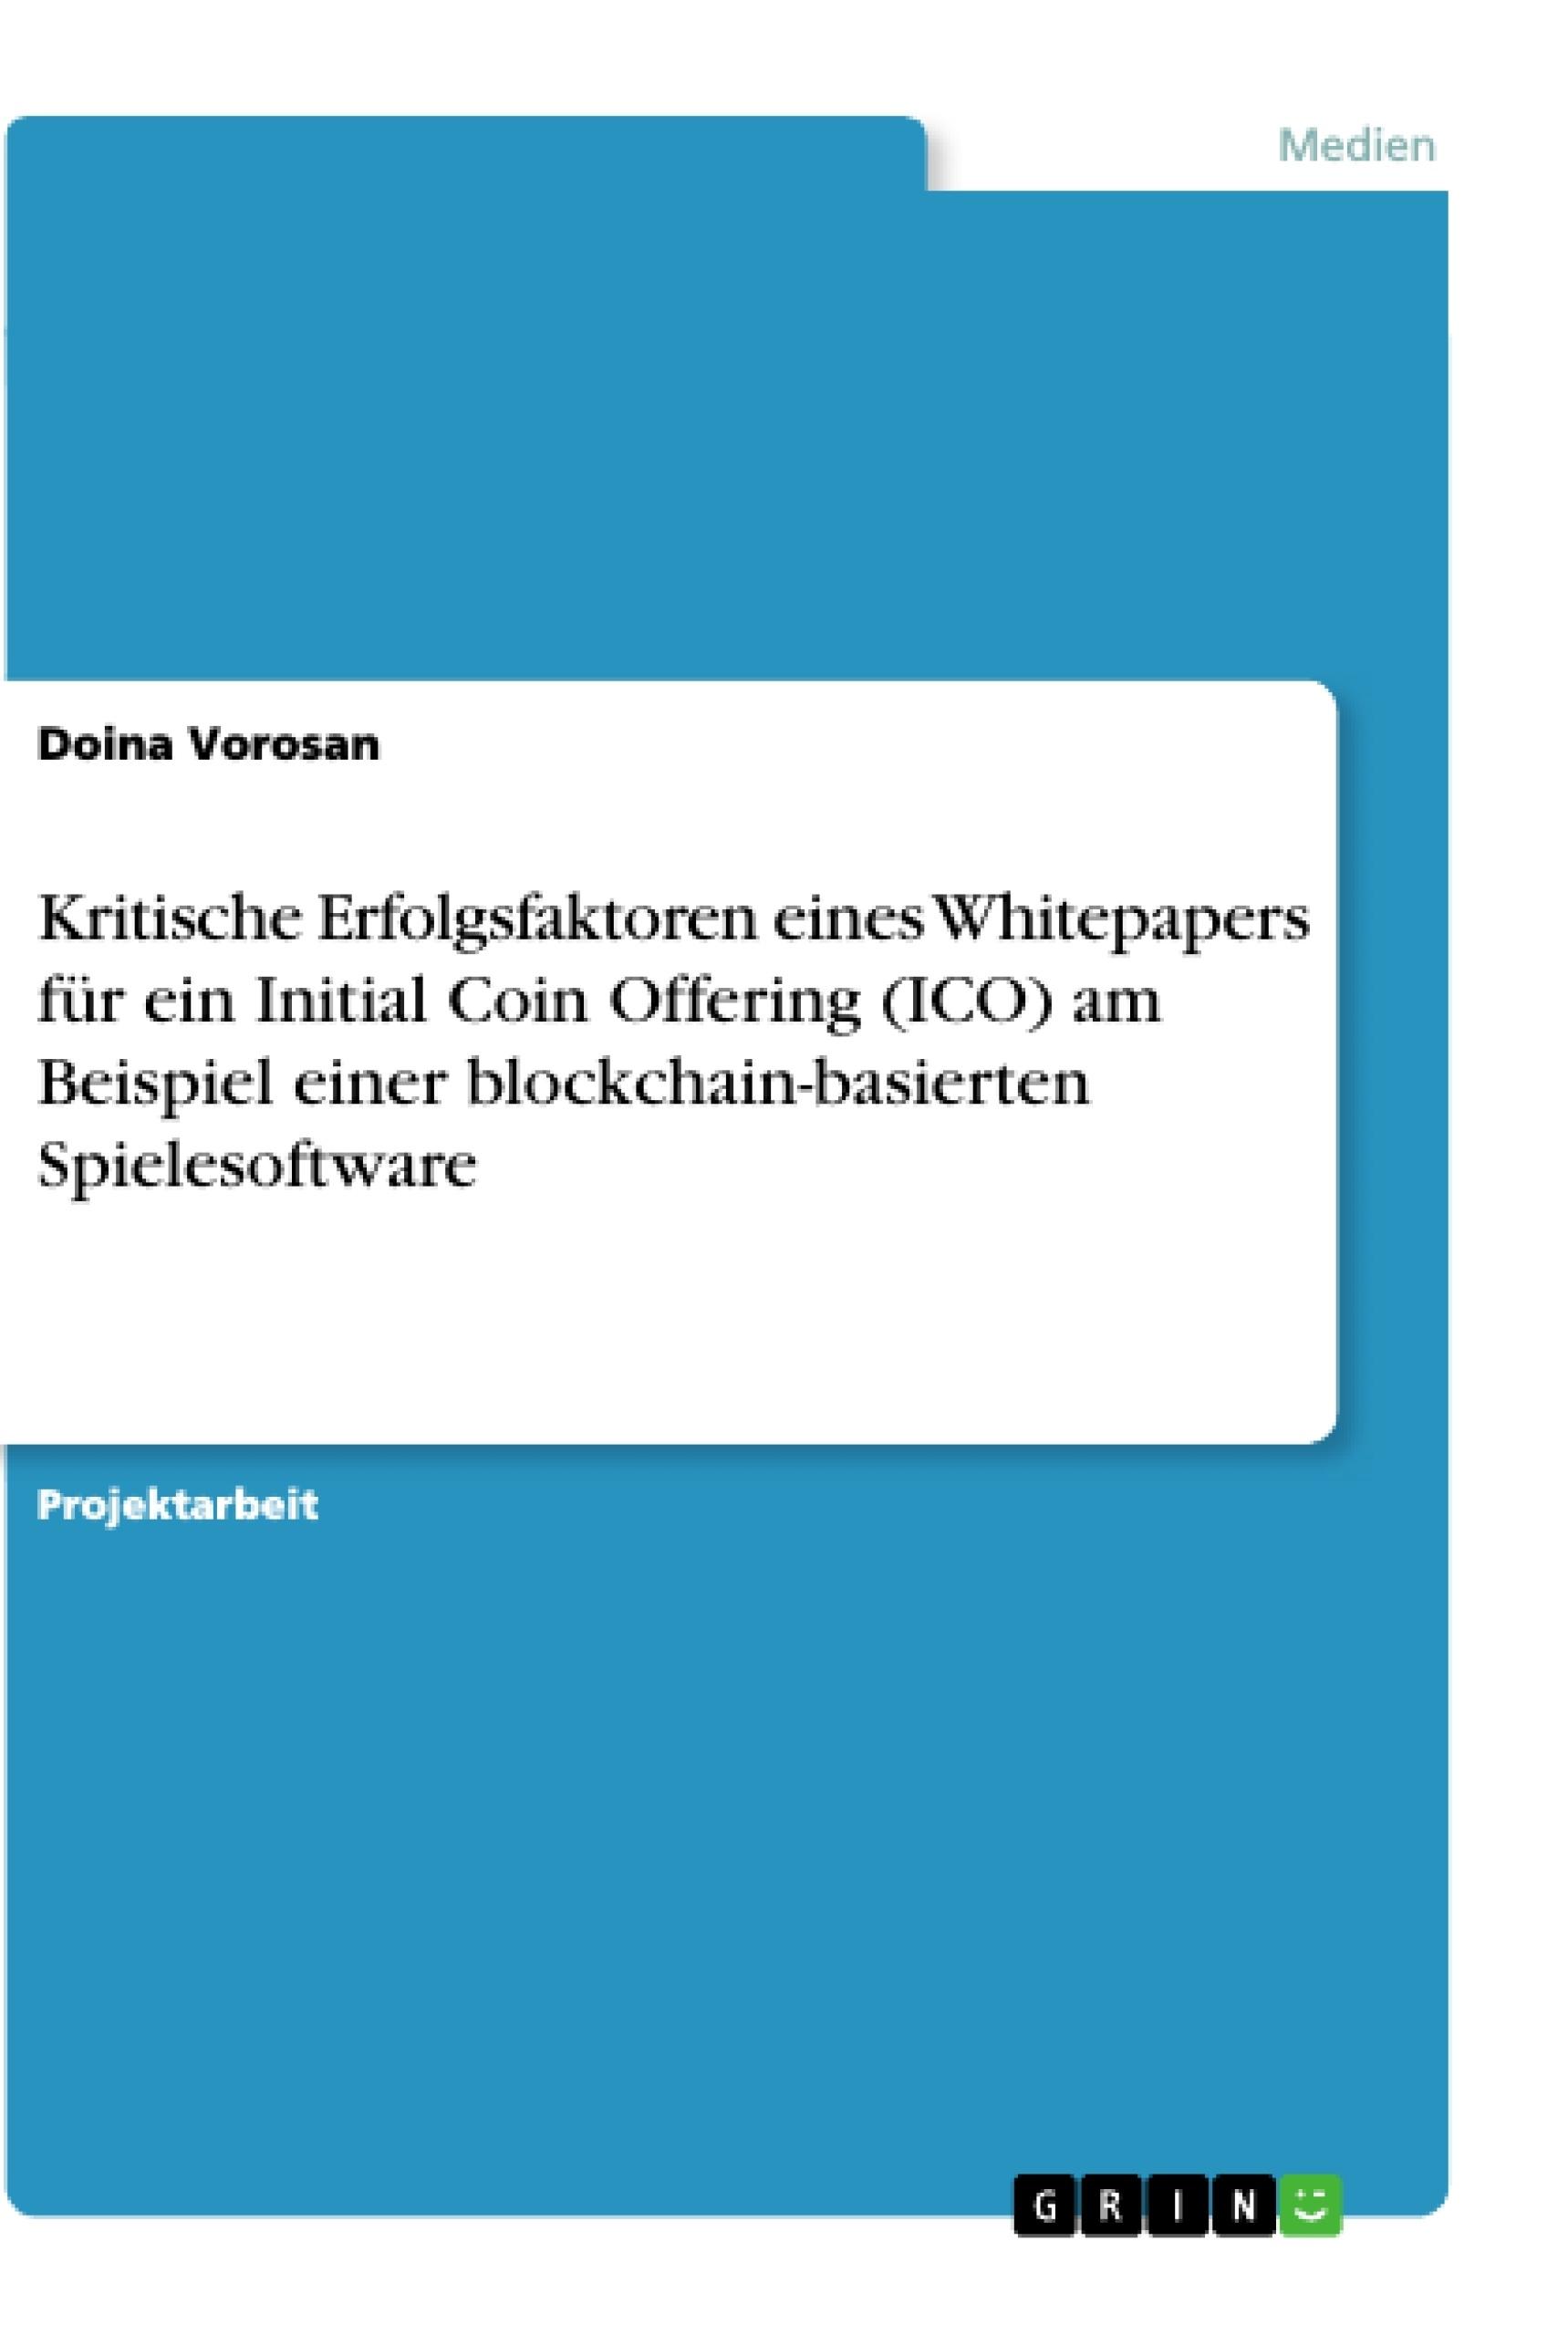 Titel: Kritische Erfolgsfaktoren eines Whitepapers für ein Initial Coin Offering (ICO) am Beispiel einer blockchain-basierten Spielesoftware